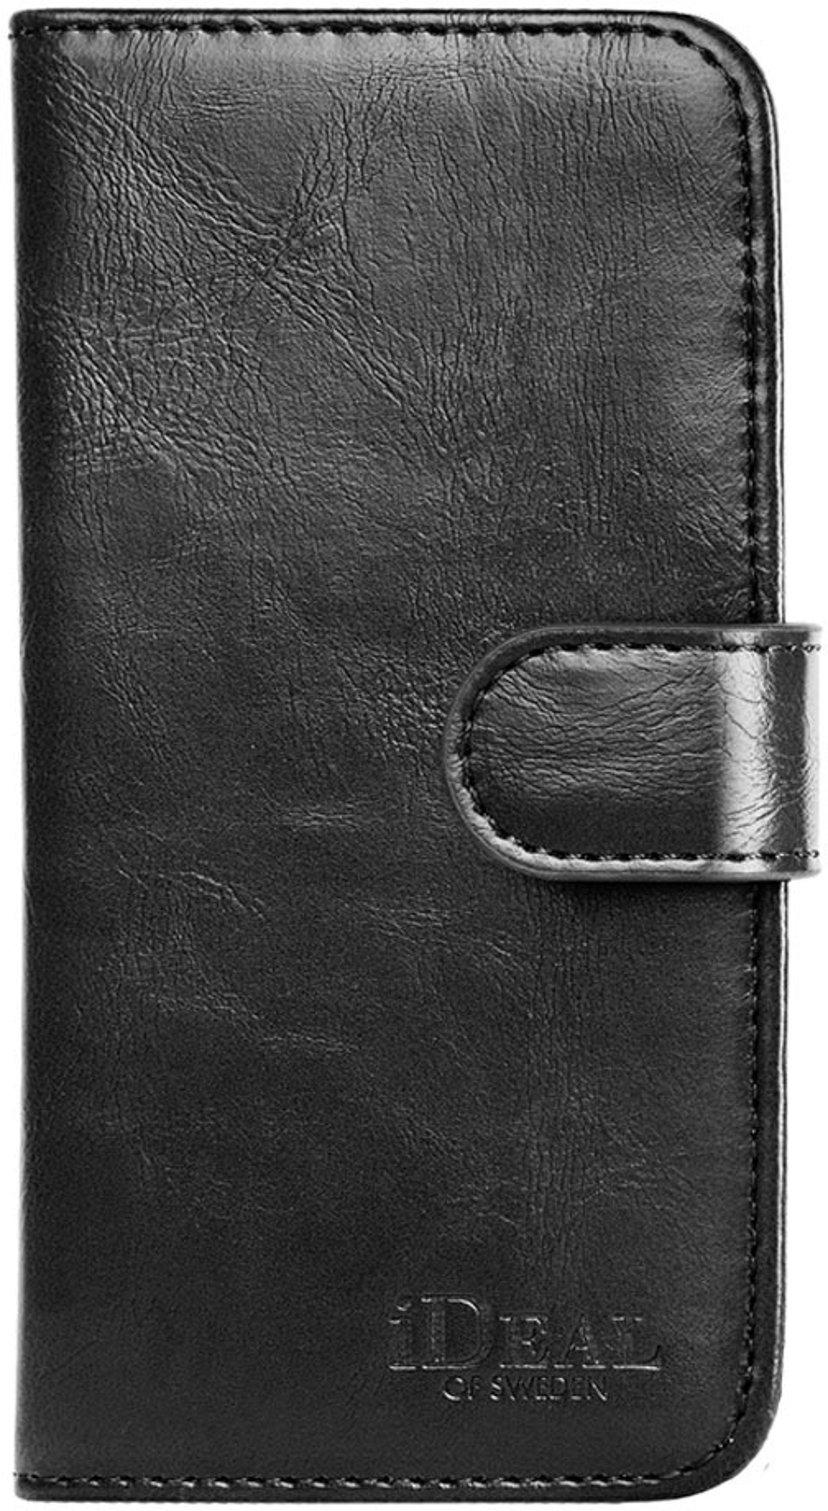 iDeal of Sweden Magnet Wallet+ Flipomslag Til Mobiltelefon iPhone 6/6s, iPhone 7, iPhone 8, iPhone SE (2020) Sort